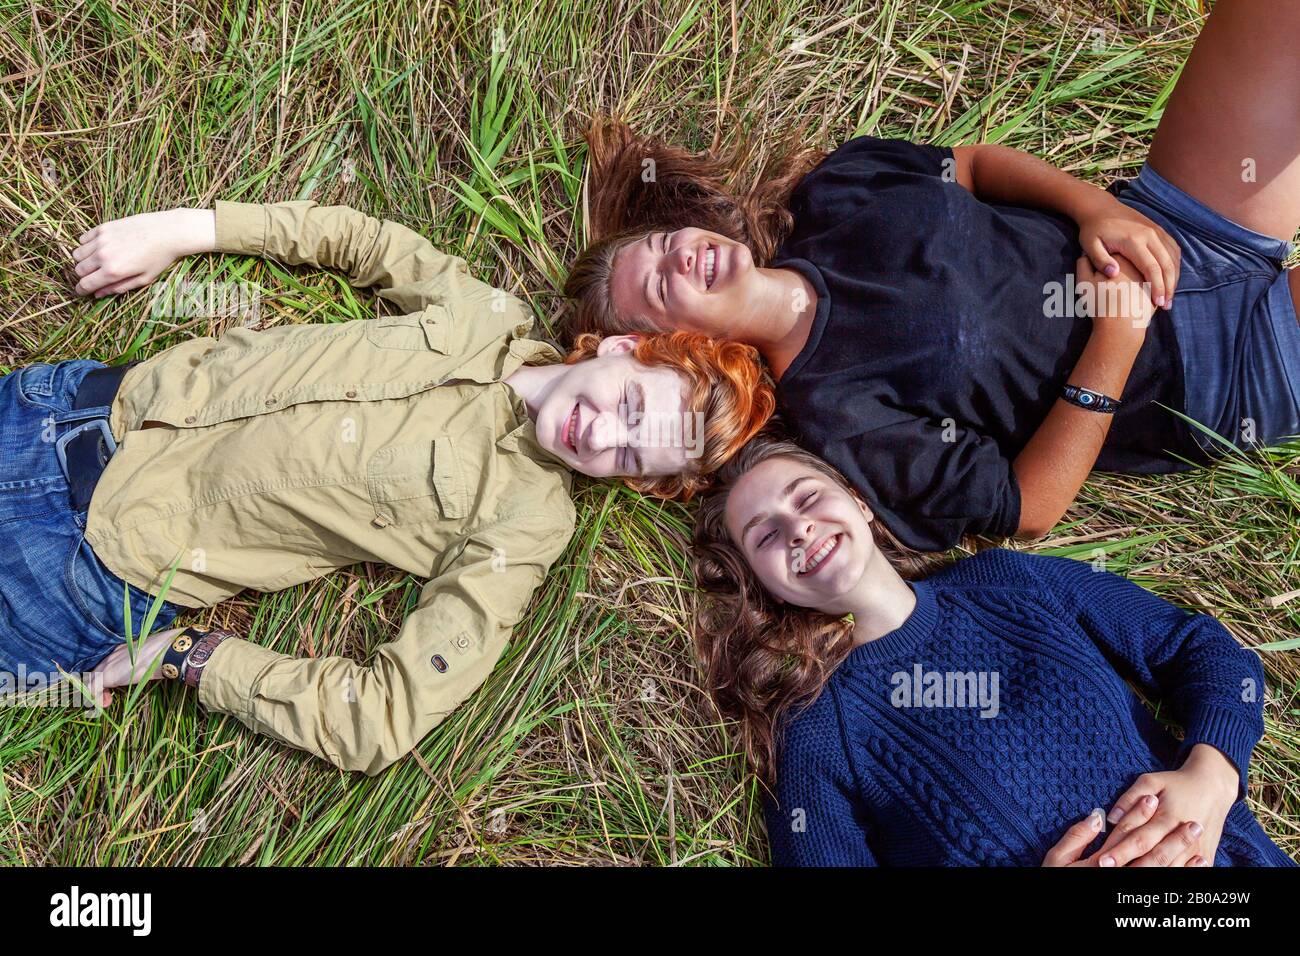 Vacanze estive vacanza felice persone concetto. Vista dall'alto gruppo di tre amici che si trovano sull'erba in cerchio sorridendo e divertirsi insieme all'aperto. Picnic con gli amici in viaggio in natura Foto Stock